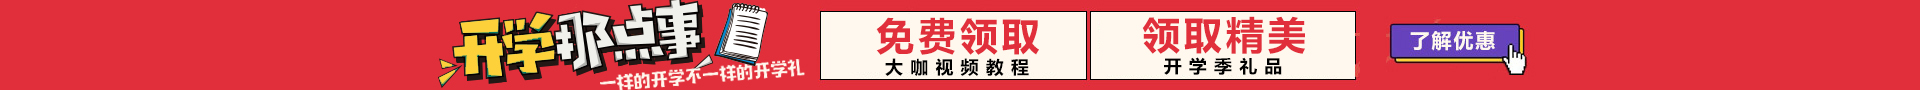 易胜博备用网址易胜博主页祝大家新年快乐